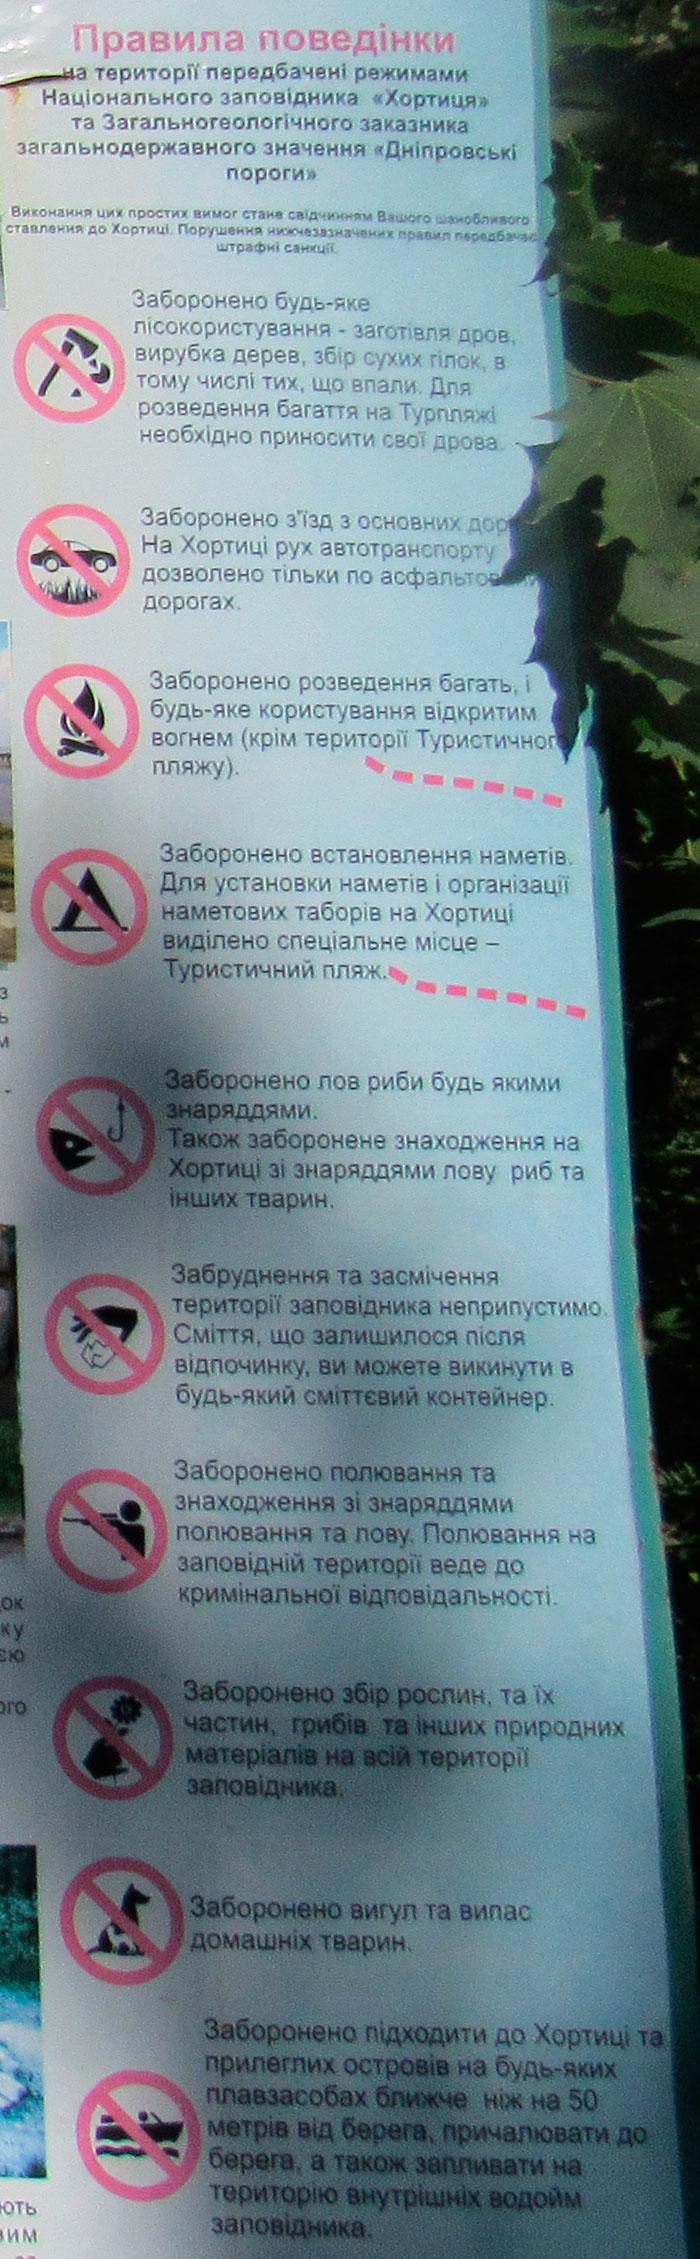 Правила поведінки на острові